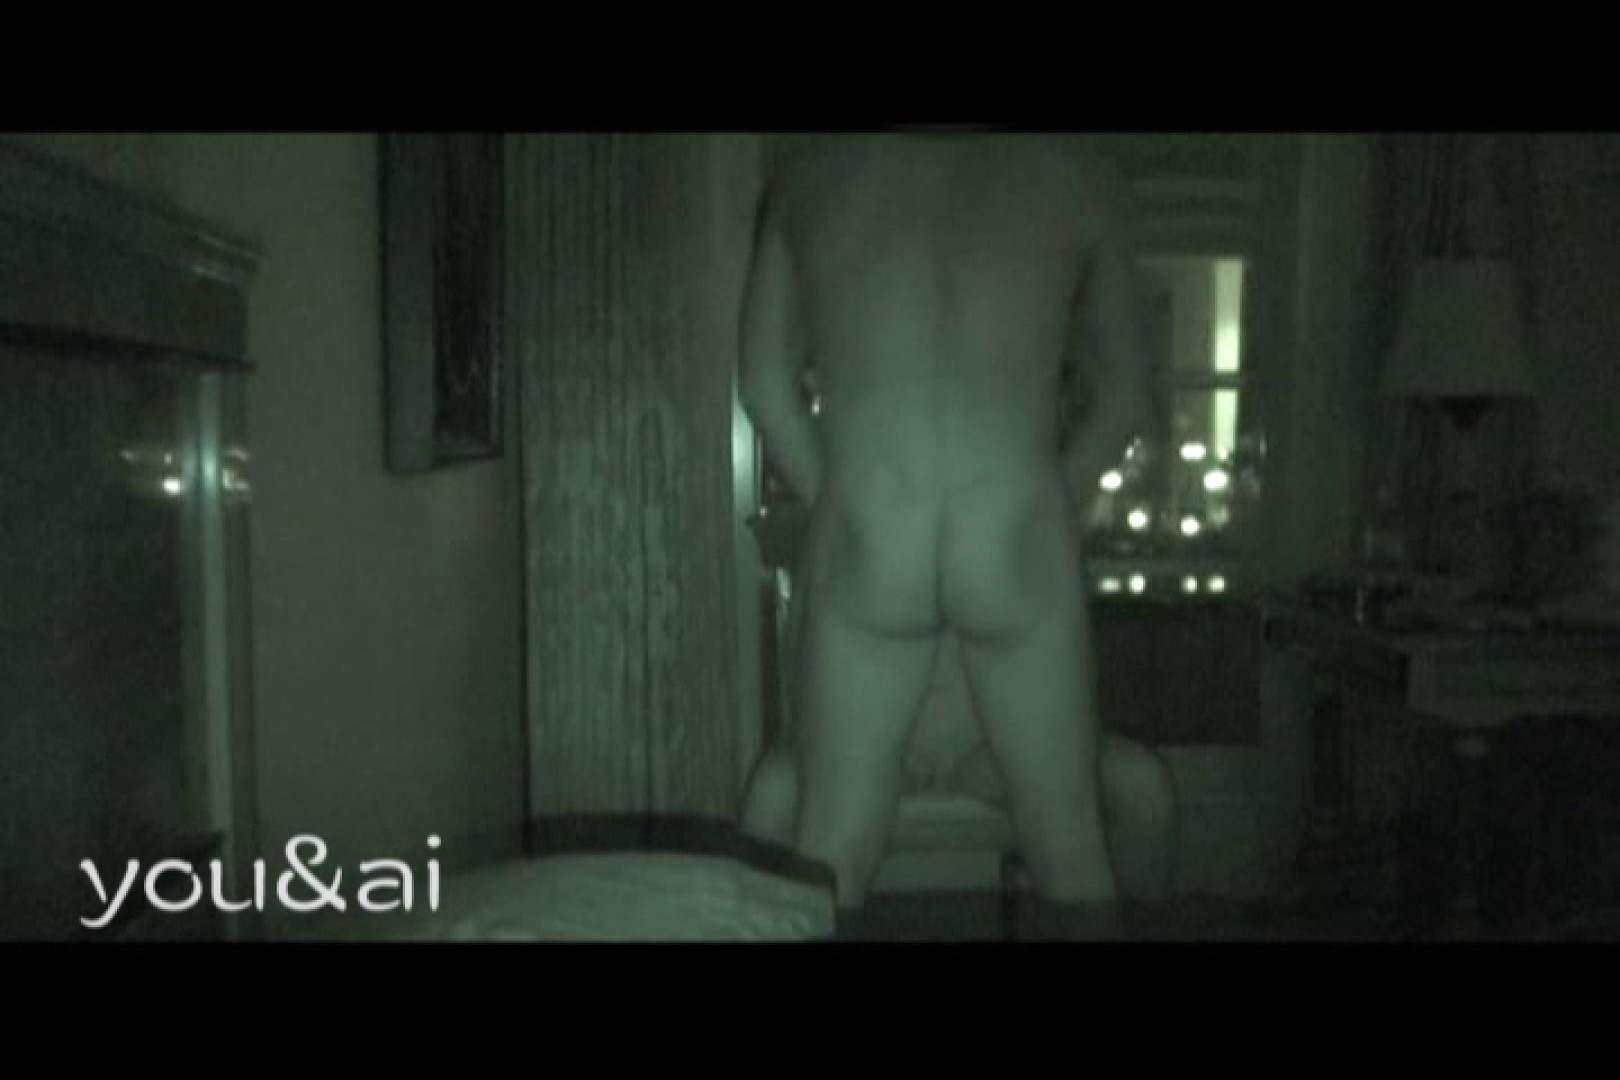 おしどり夫婦のyou&aiさん投稿作品vol.10 投稿映像 | ホテル  79pic 45